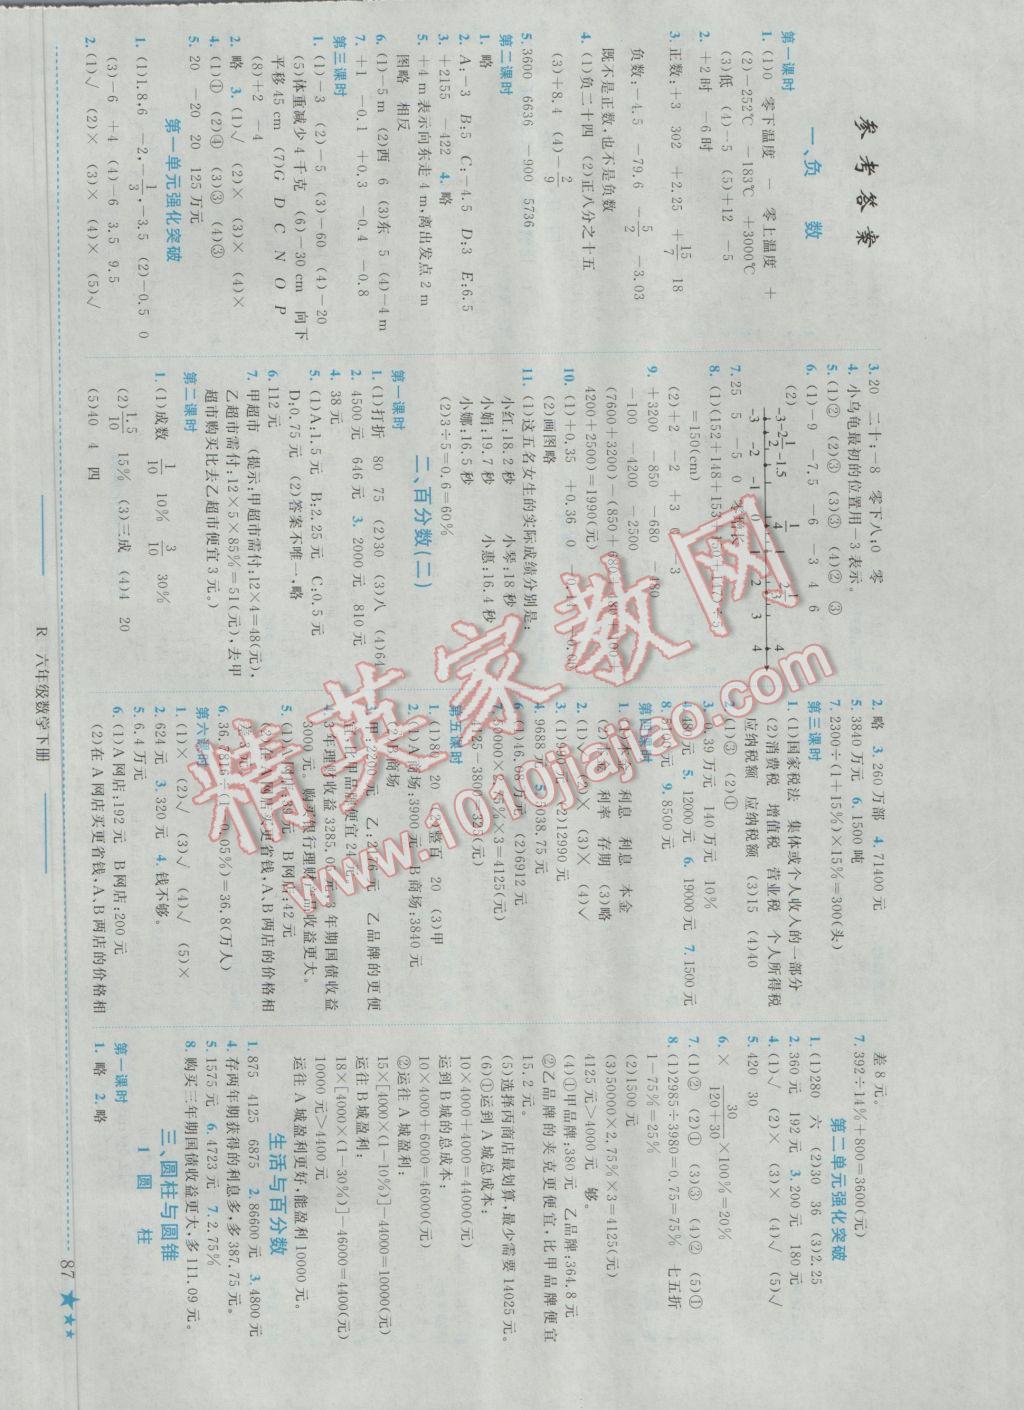 2017年黄冈小状元作业本六年级数学下册人教版参考答案第1页